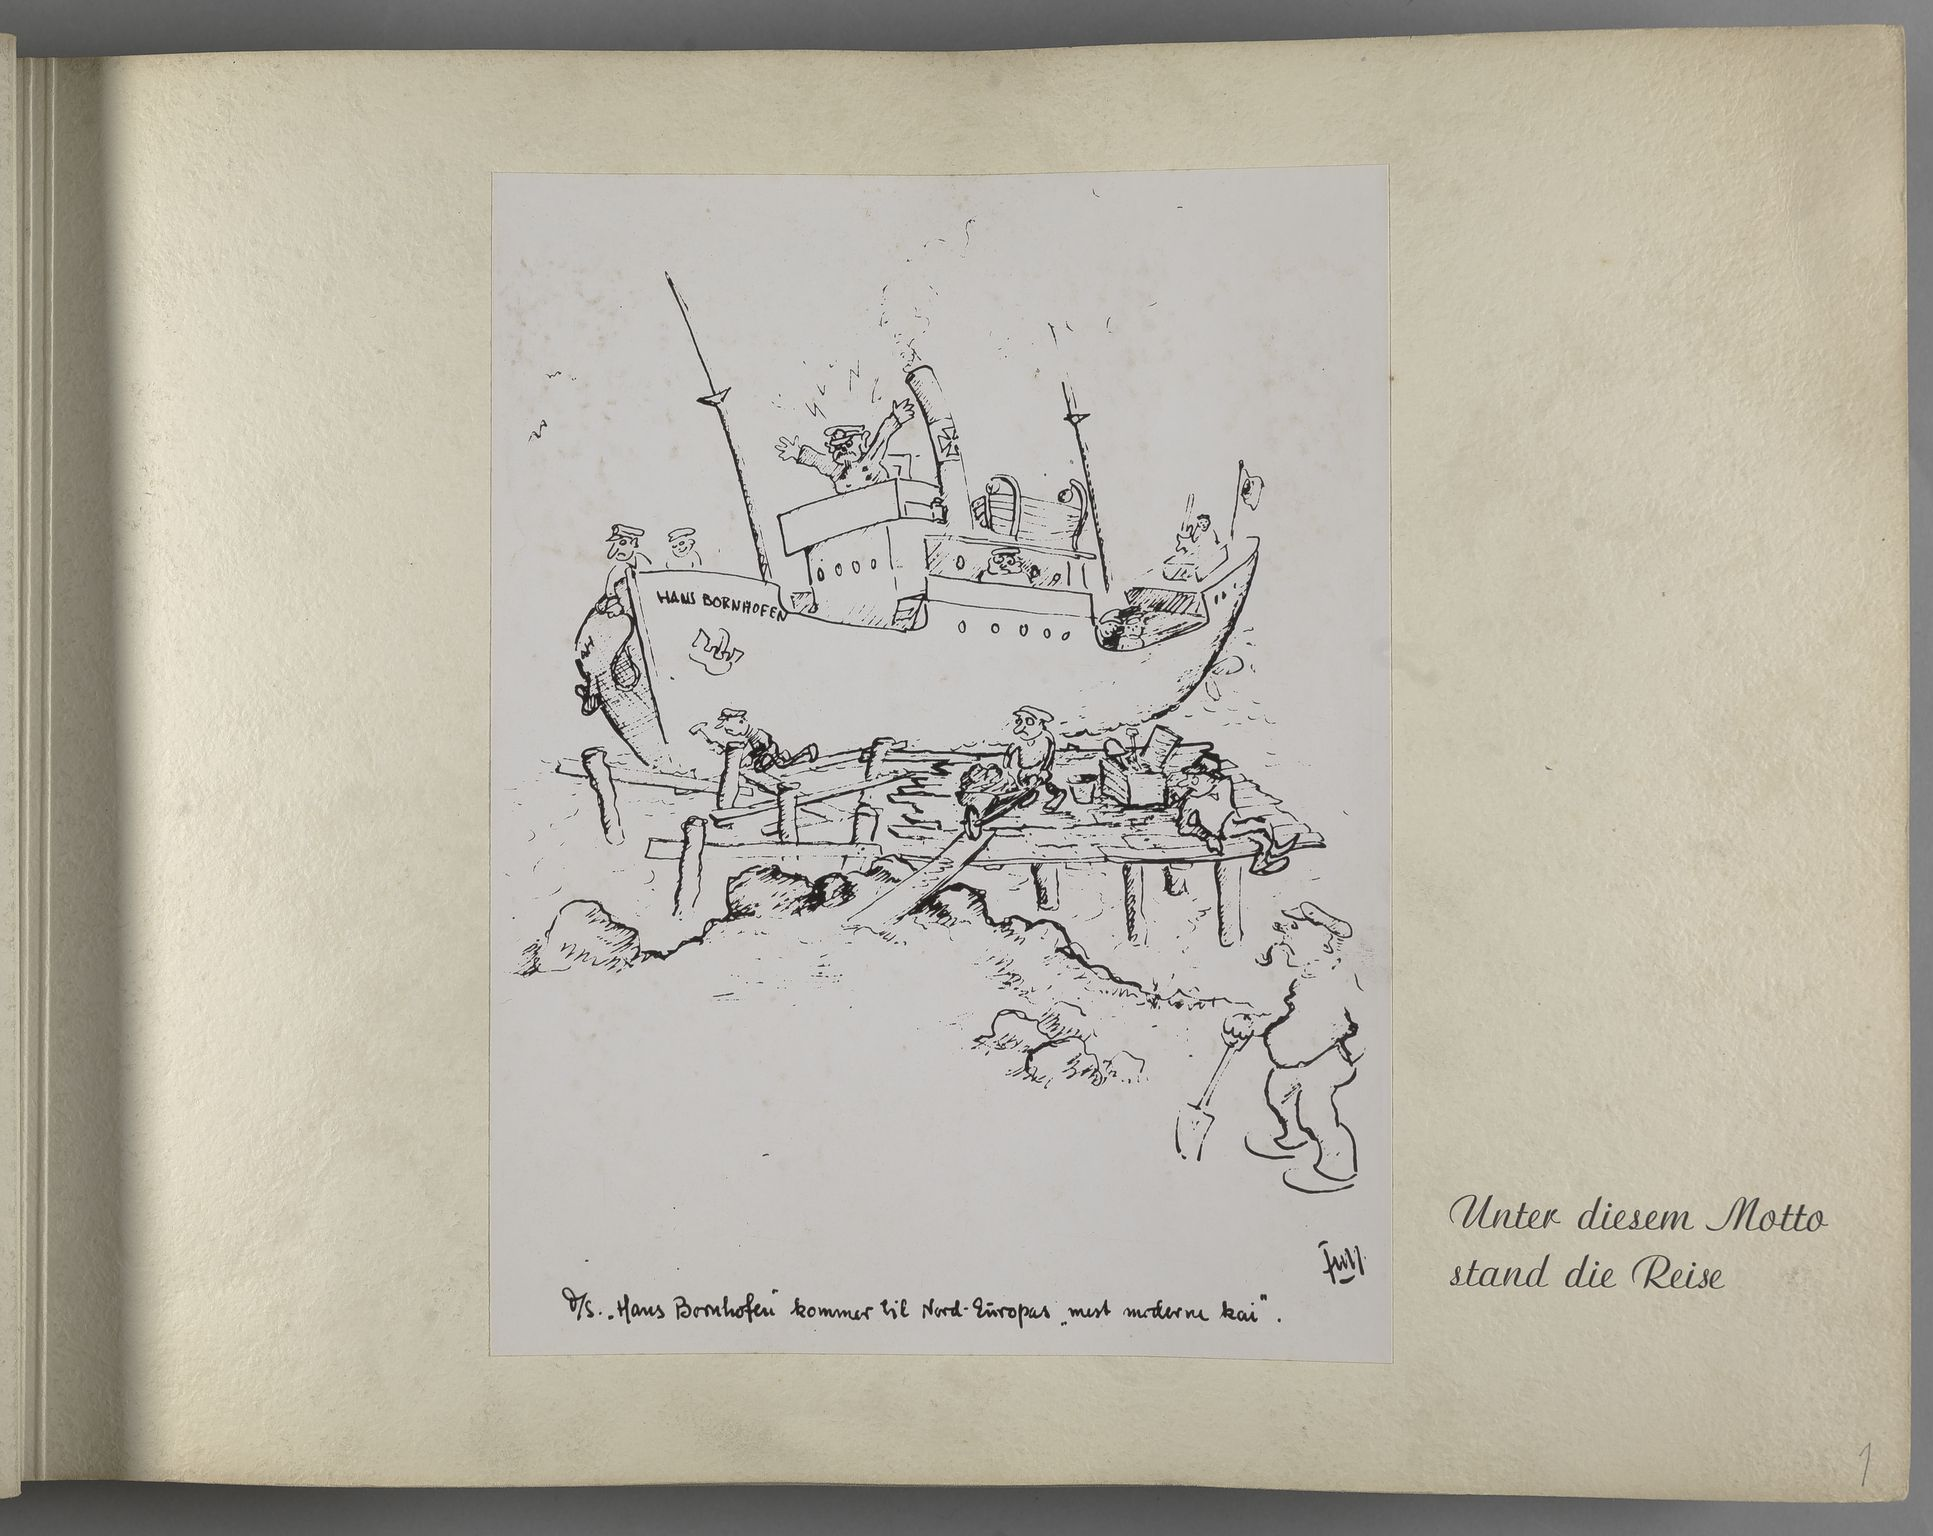 RA, Tyske arkiver, Reichskommissariat, Bildarchiv, U/L0071: Fotoalbum: Mit dem Reichskommissar nach Nordnorwegen und Finnland 10. bis 27. Juli 1942, 1942, s. 12